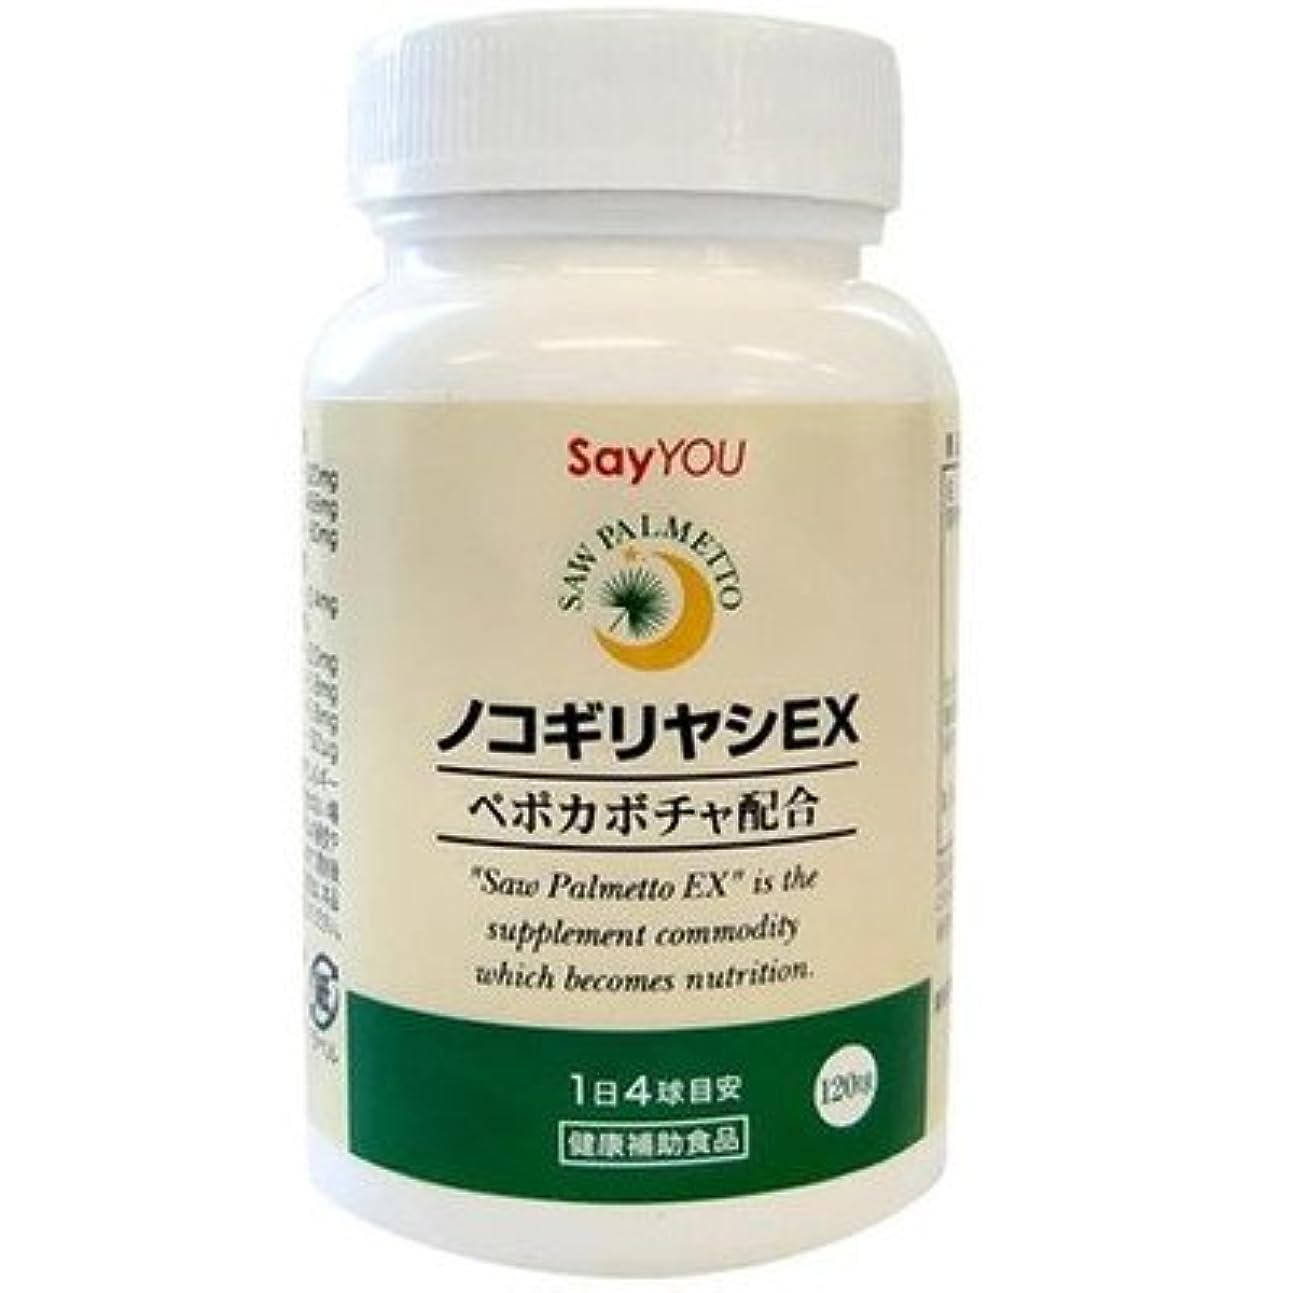 学者人種魂セイユーコーポレーション ノコギリヤシEX 健康補助食品 120球 (約30日分)